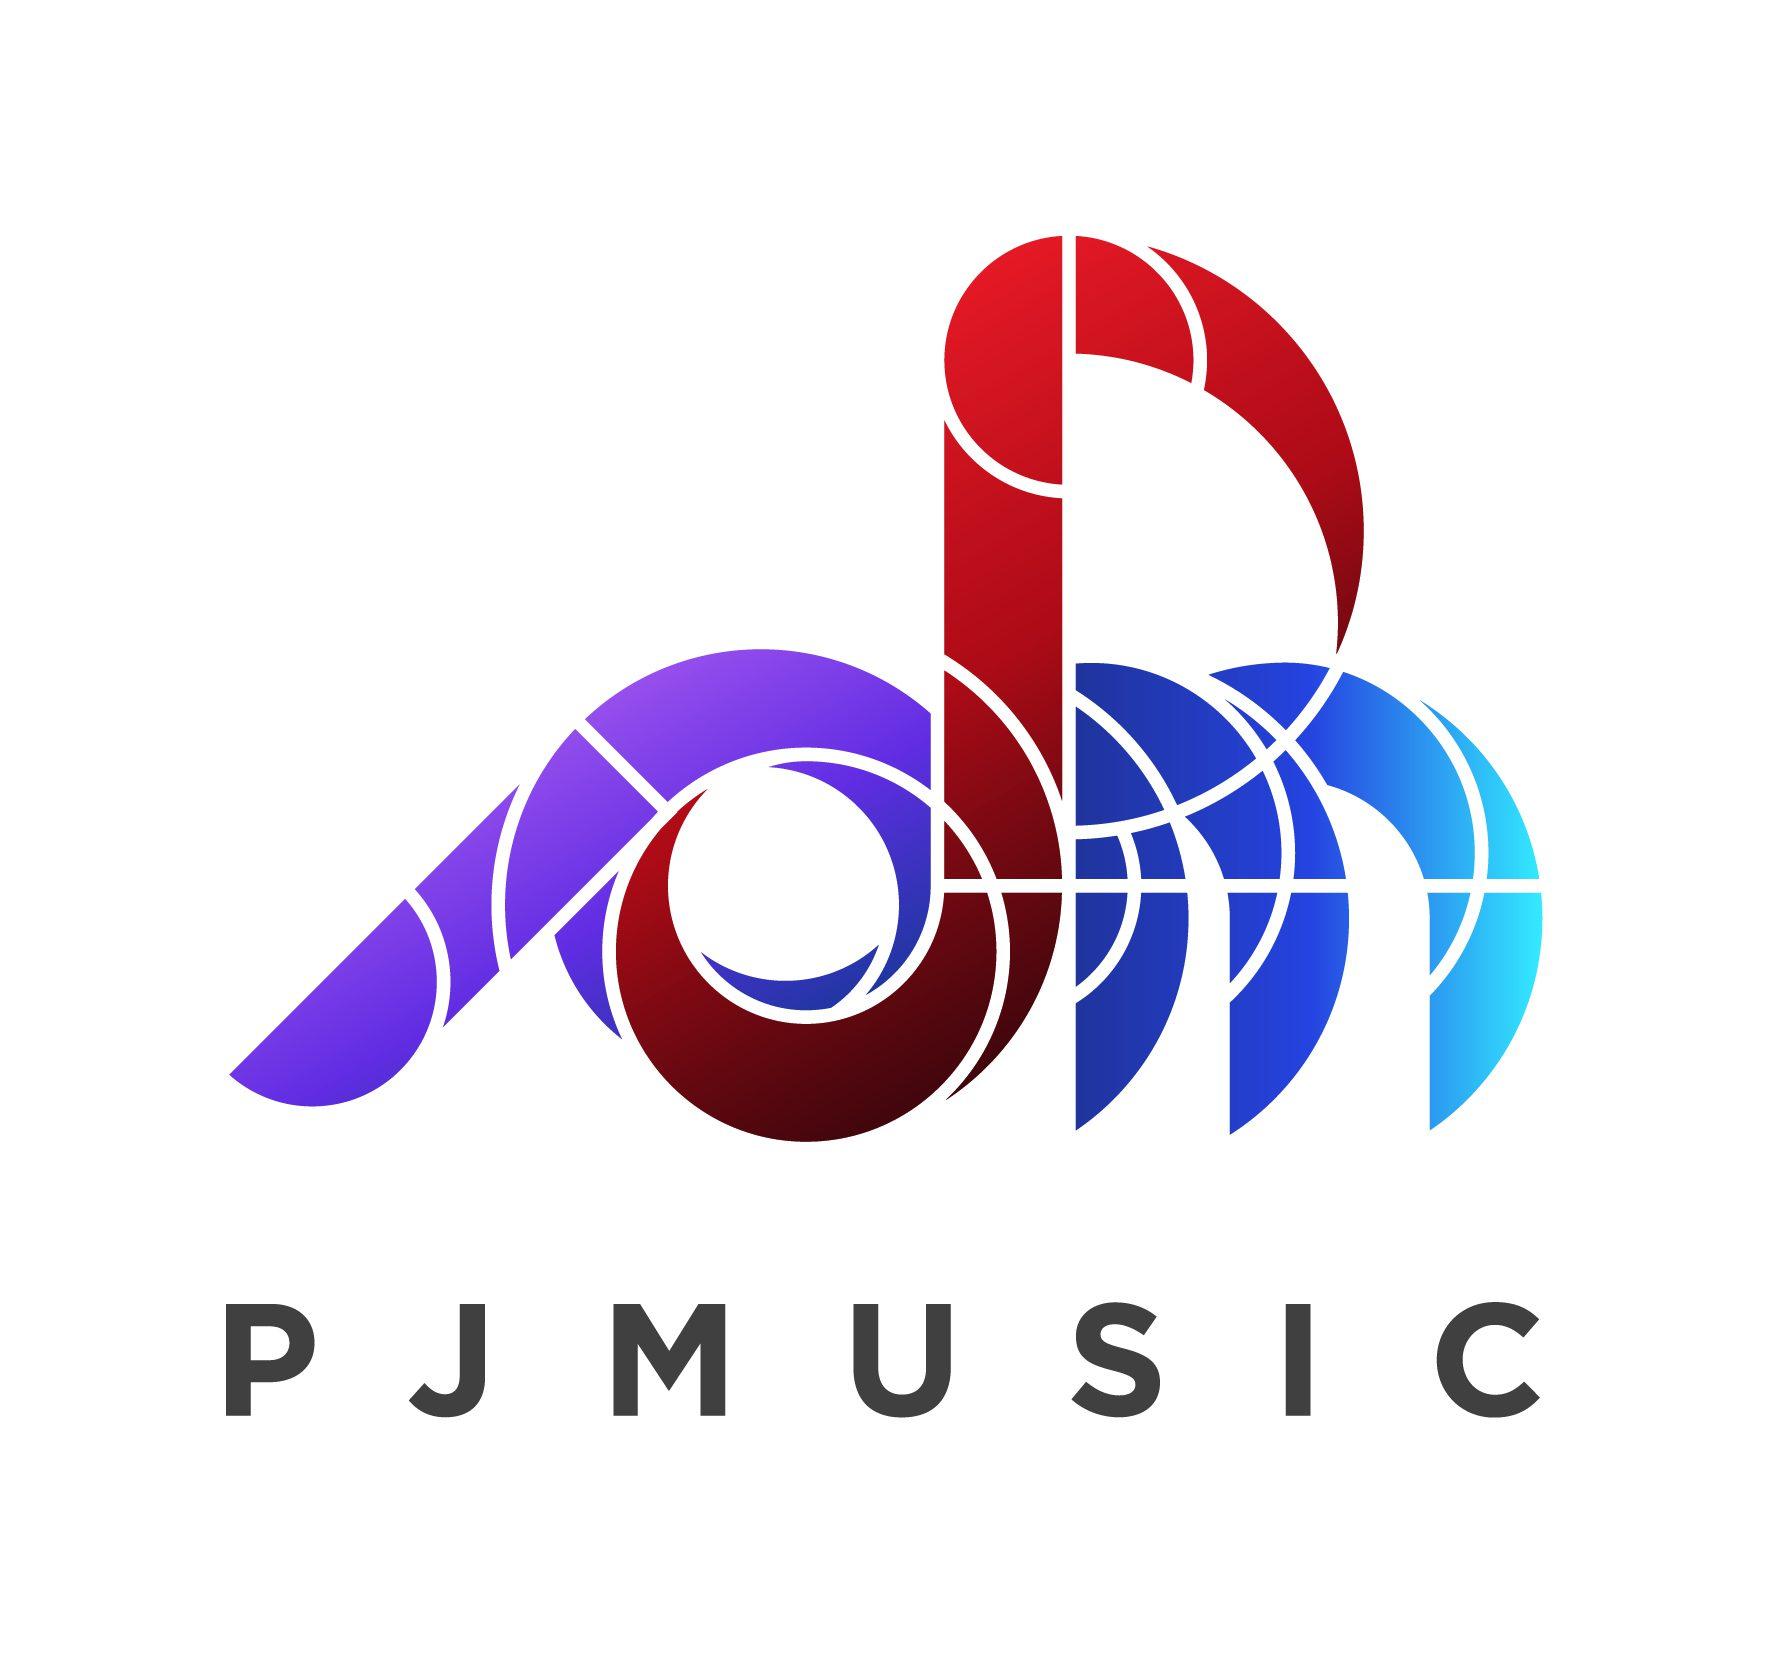 Media for Music